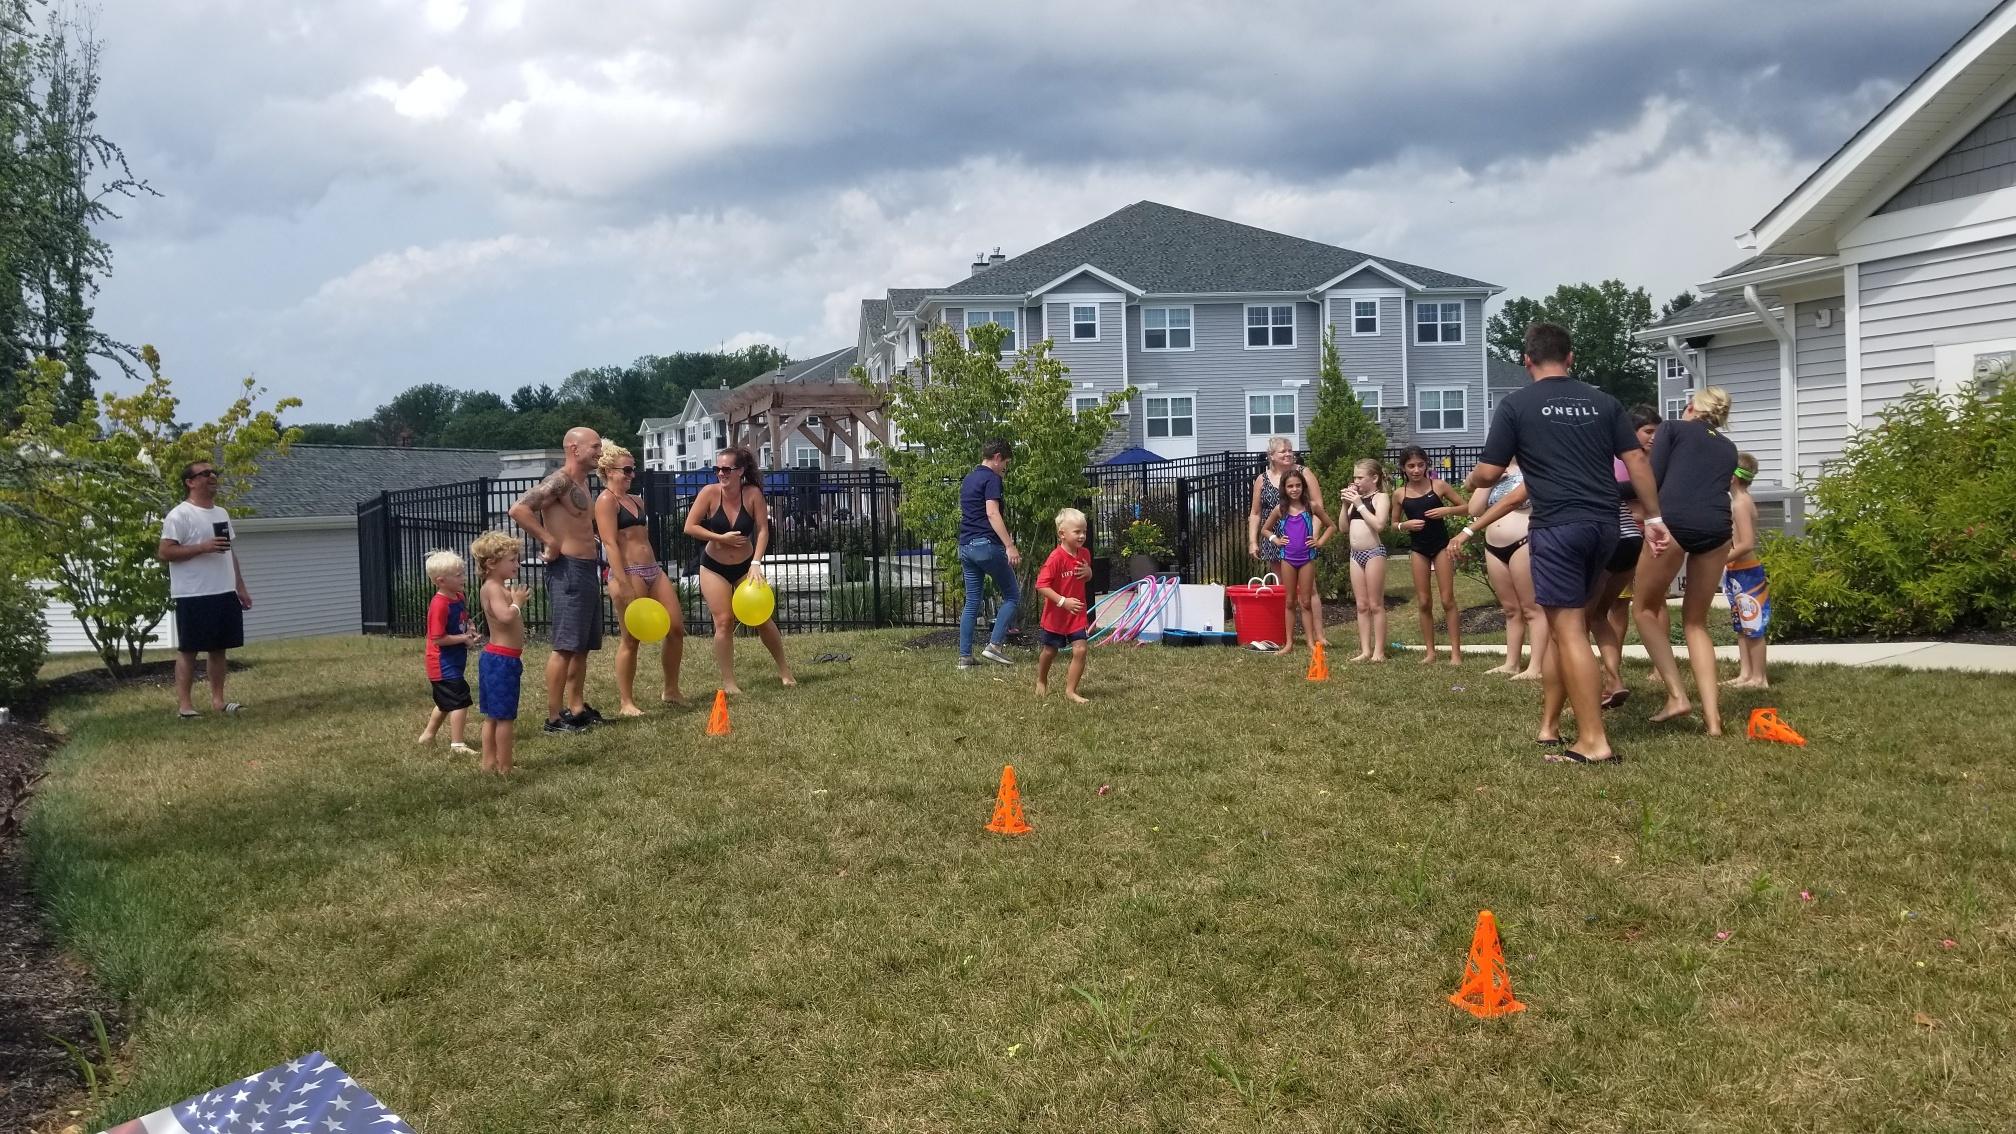 2019 Avanti Apartments Pool Party - Balloon Races